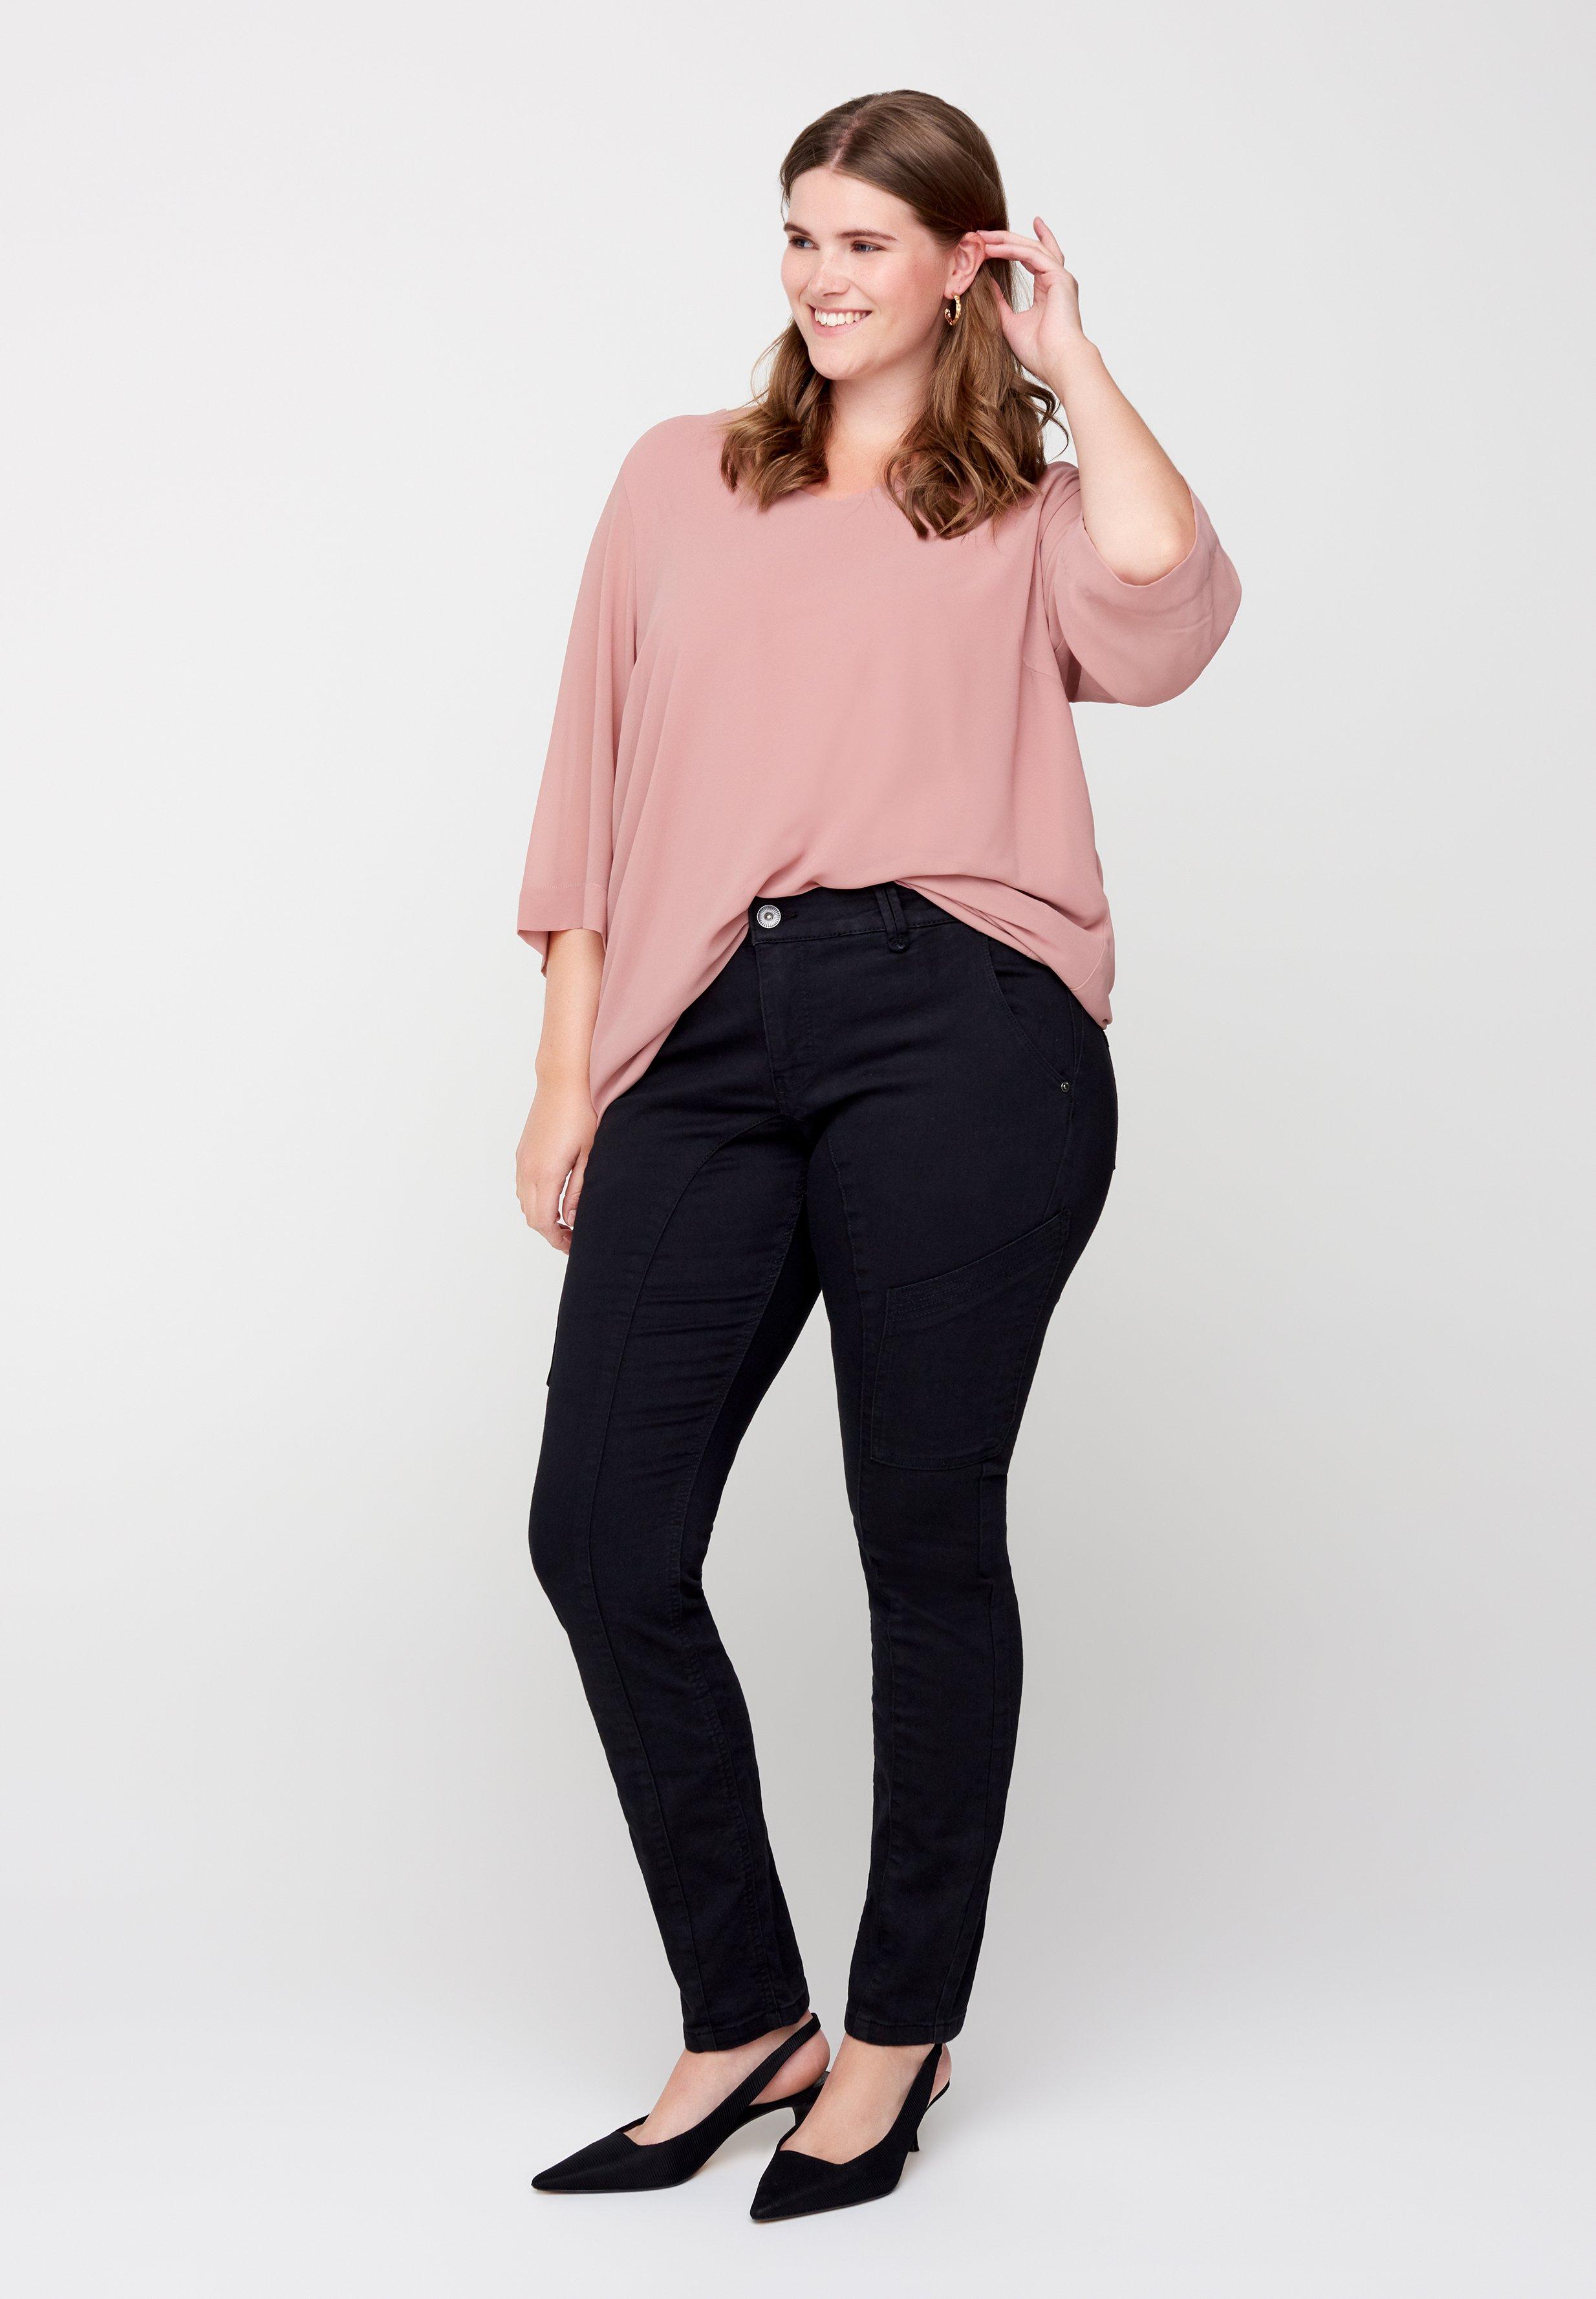 Donna LONG, SANNA - Jeans slim fit